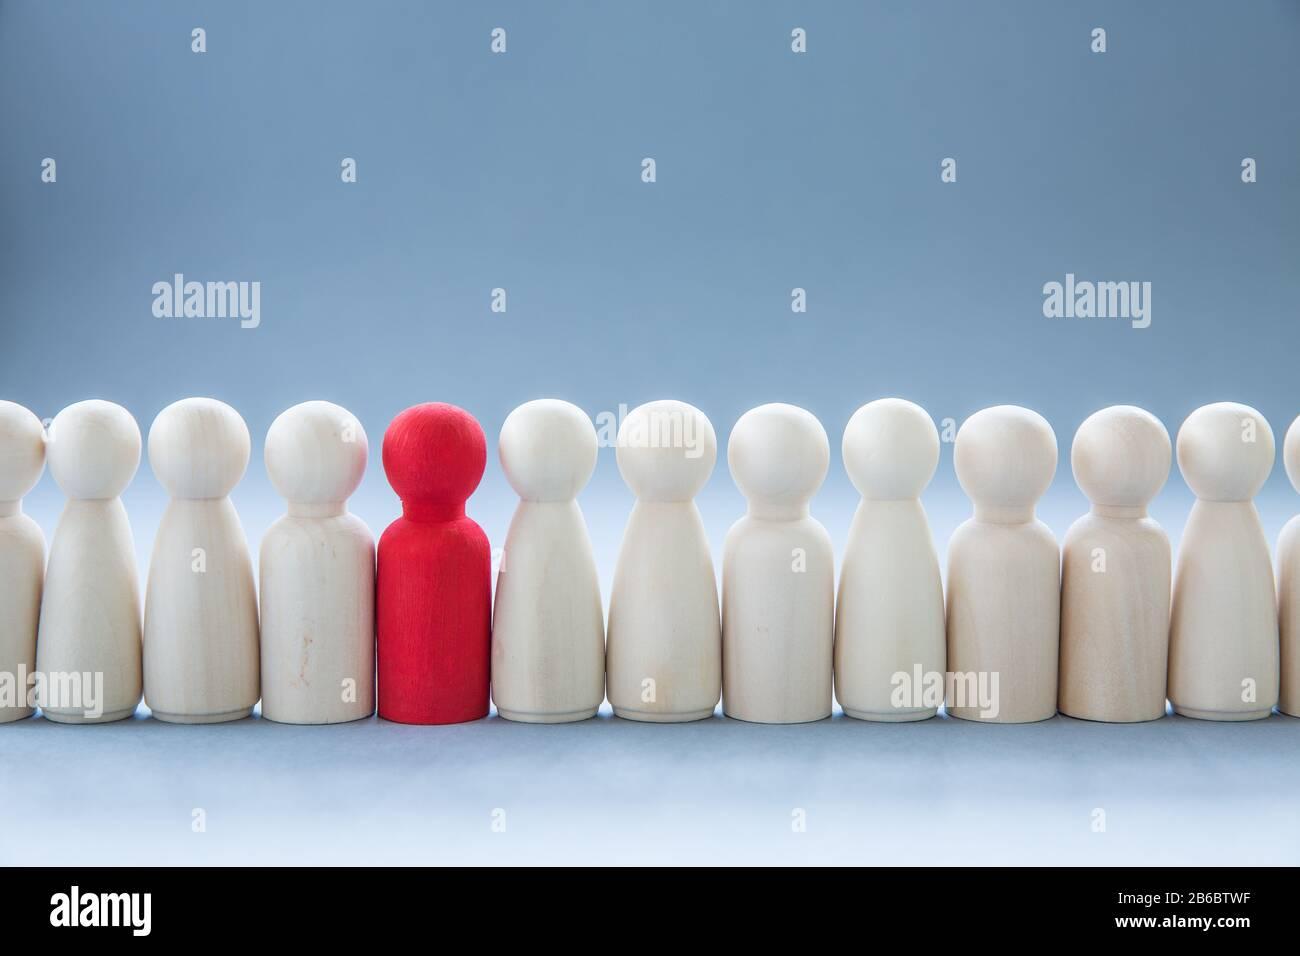 Eine Reihe von menschlichen Figuren mit einem einzelnen, vom Rest abstehenden Menschen, die Individualität repräsentieren und anders sind, wie etwa eine Krankheit Stockfoto